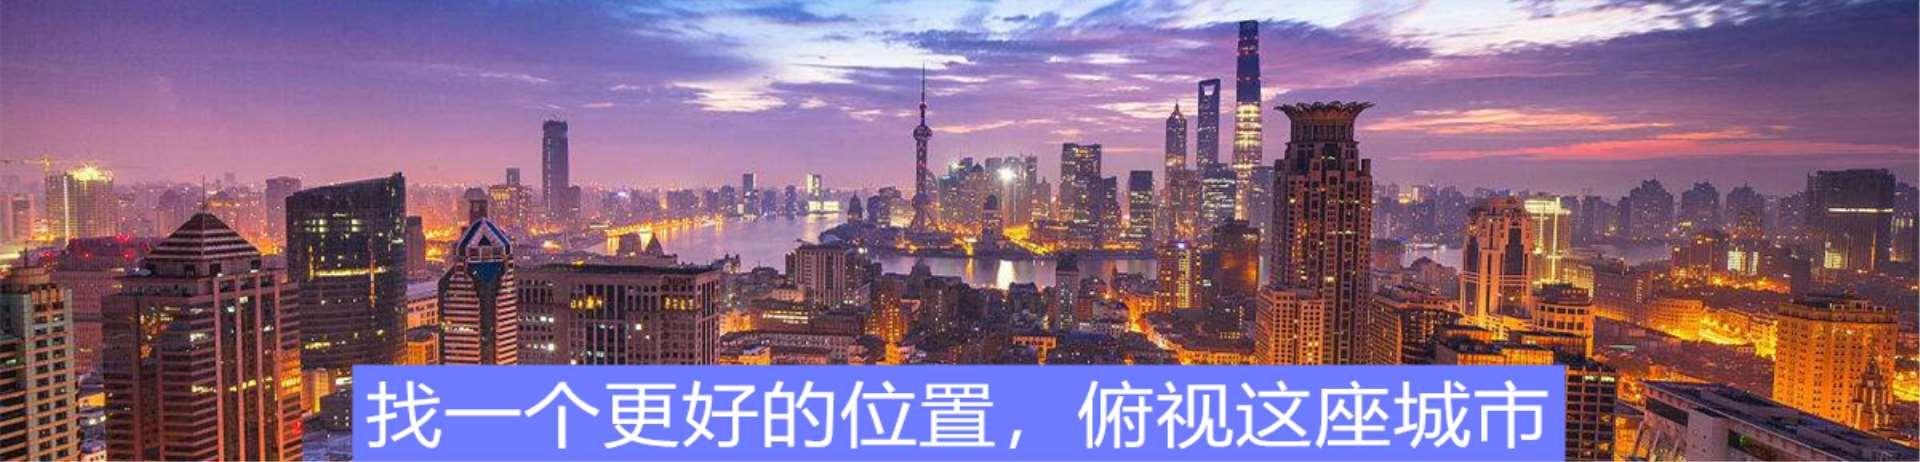 在上海,在华硕